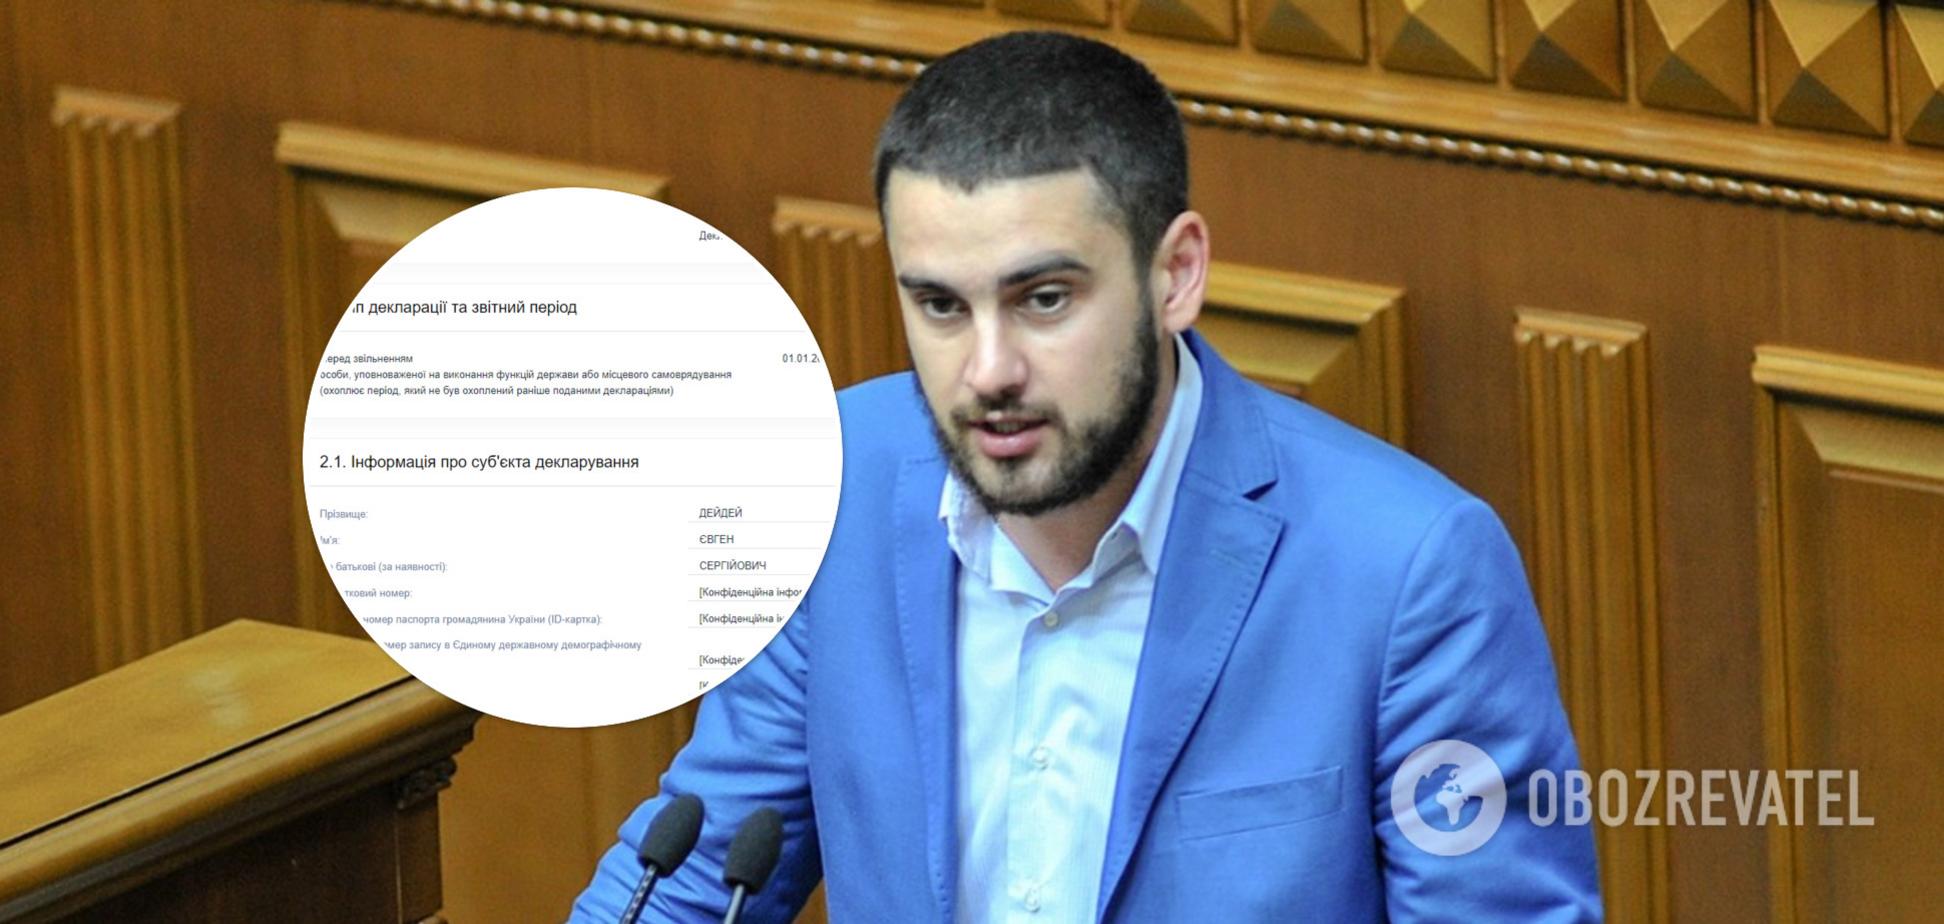 Екснардеп Дейдей подав у відставку з посади помічника глави поліції Києва